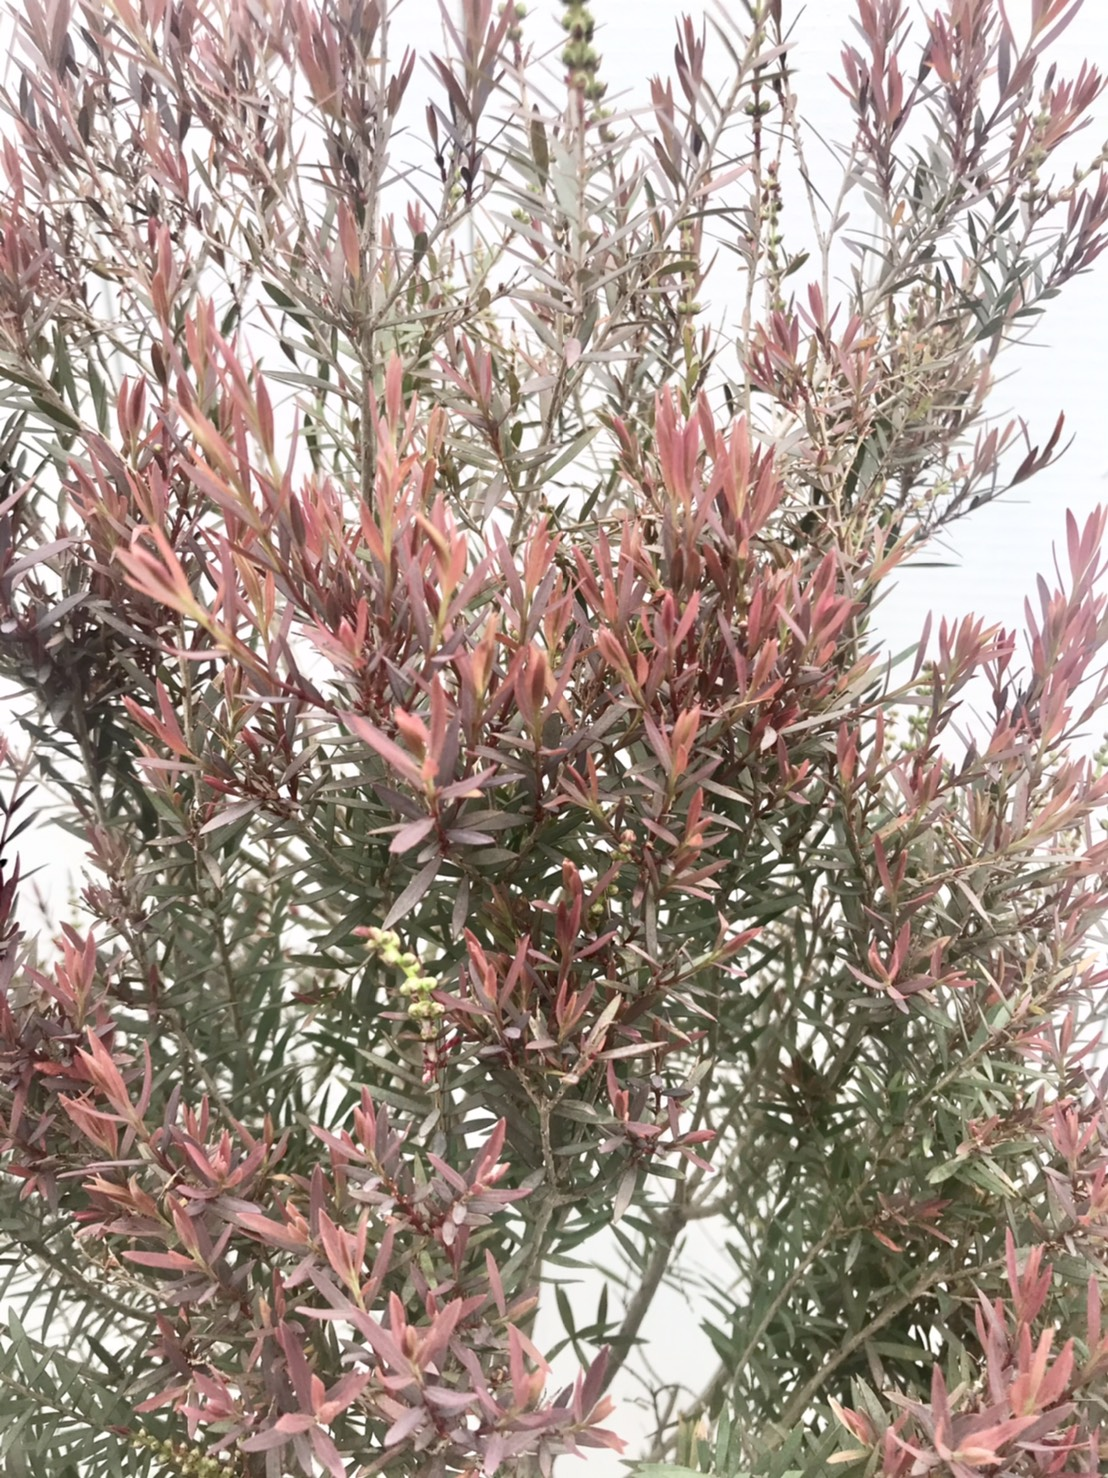 melaleuceae